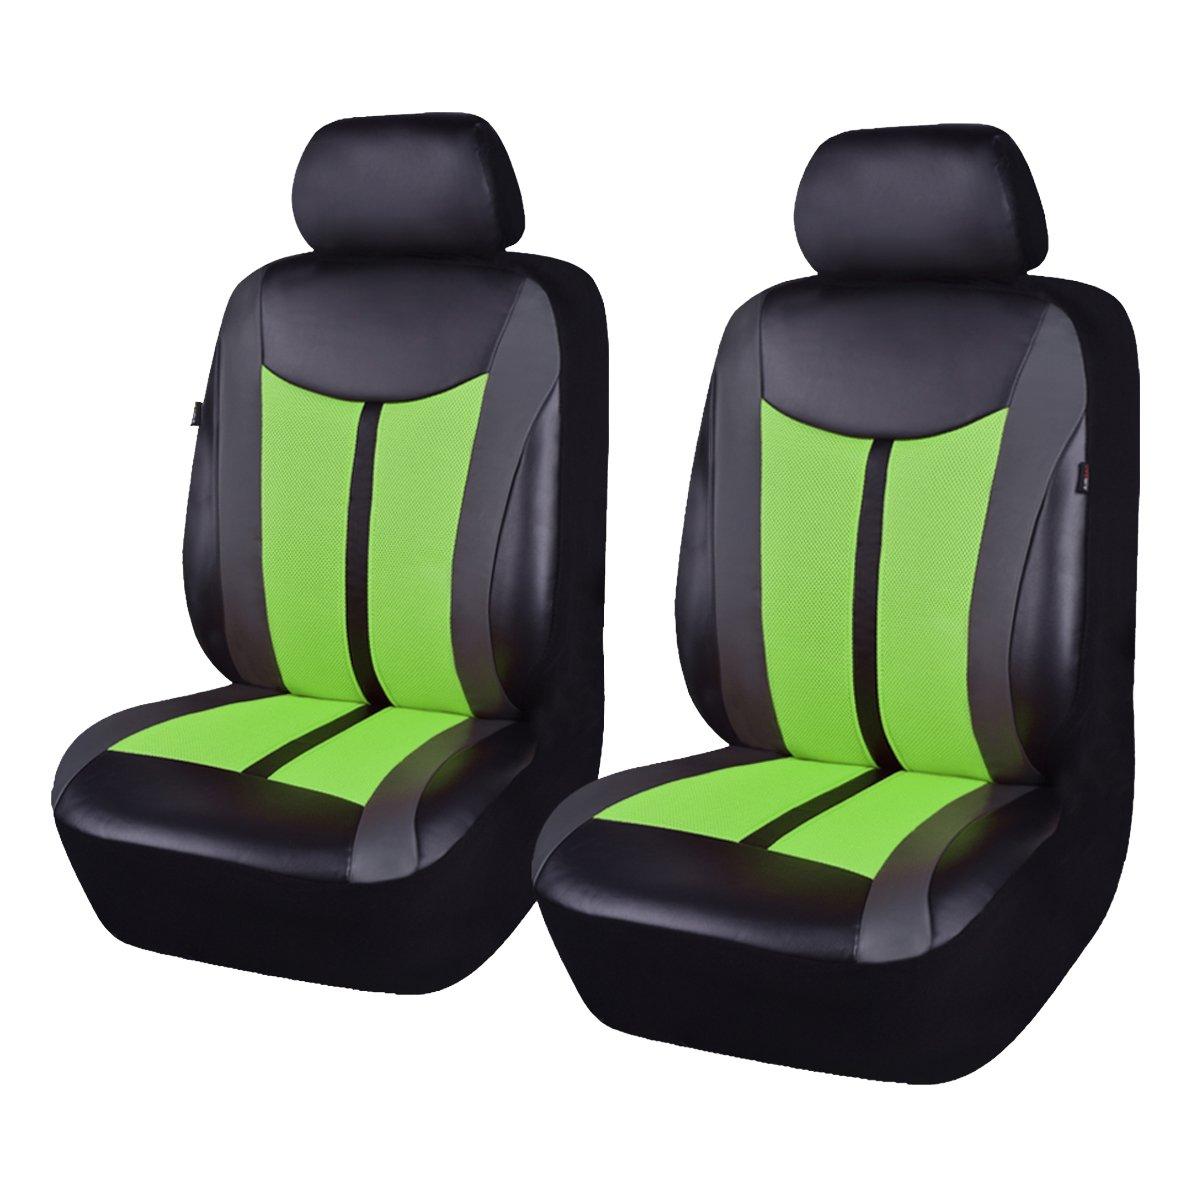 Flying pancarta sinté tica y malla transpirable Universal coche conjuntos de fundas de asiento con airbag Compatible Ningbo Qiyang International Trade Co. Ltd